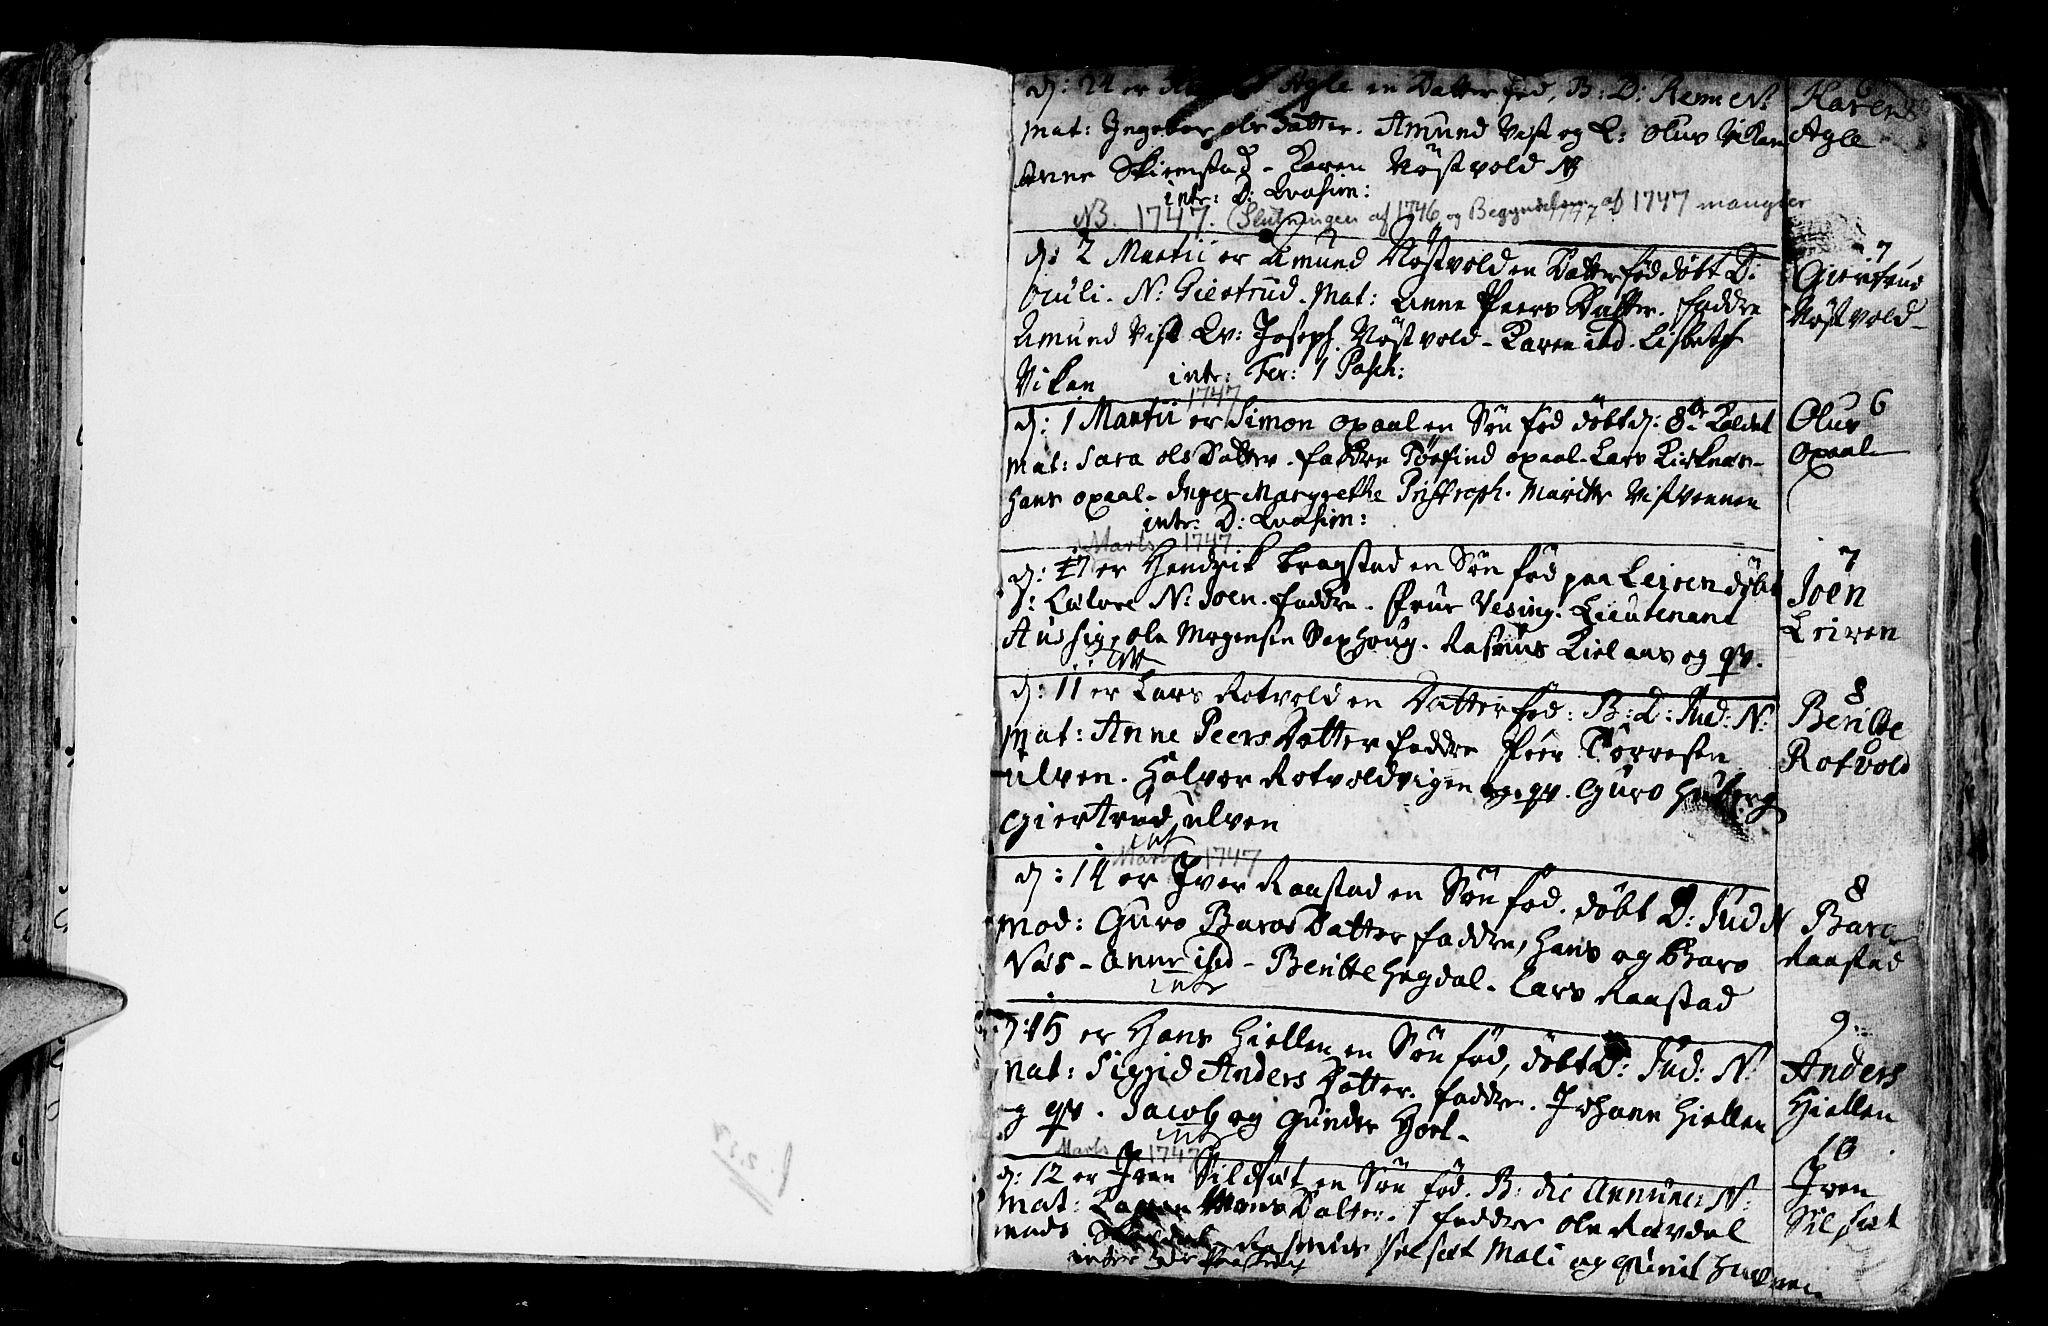 SAT, Ministerialprotokoller, klokkerbøker og fødselsregistre - Nord-Trøndelag, 730/L0272: Ministerialbok nr. 730A01, 1733-1764, s. 80